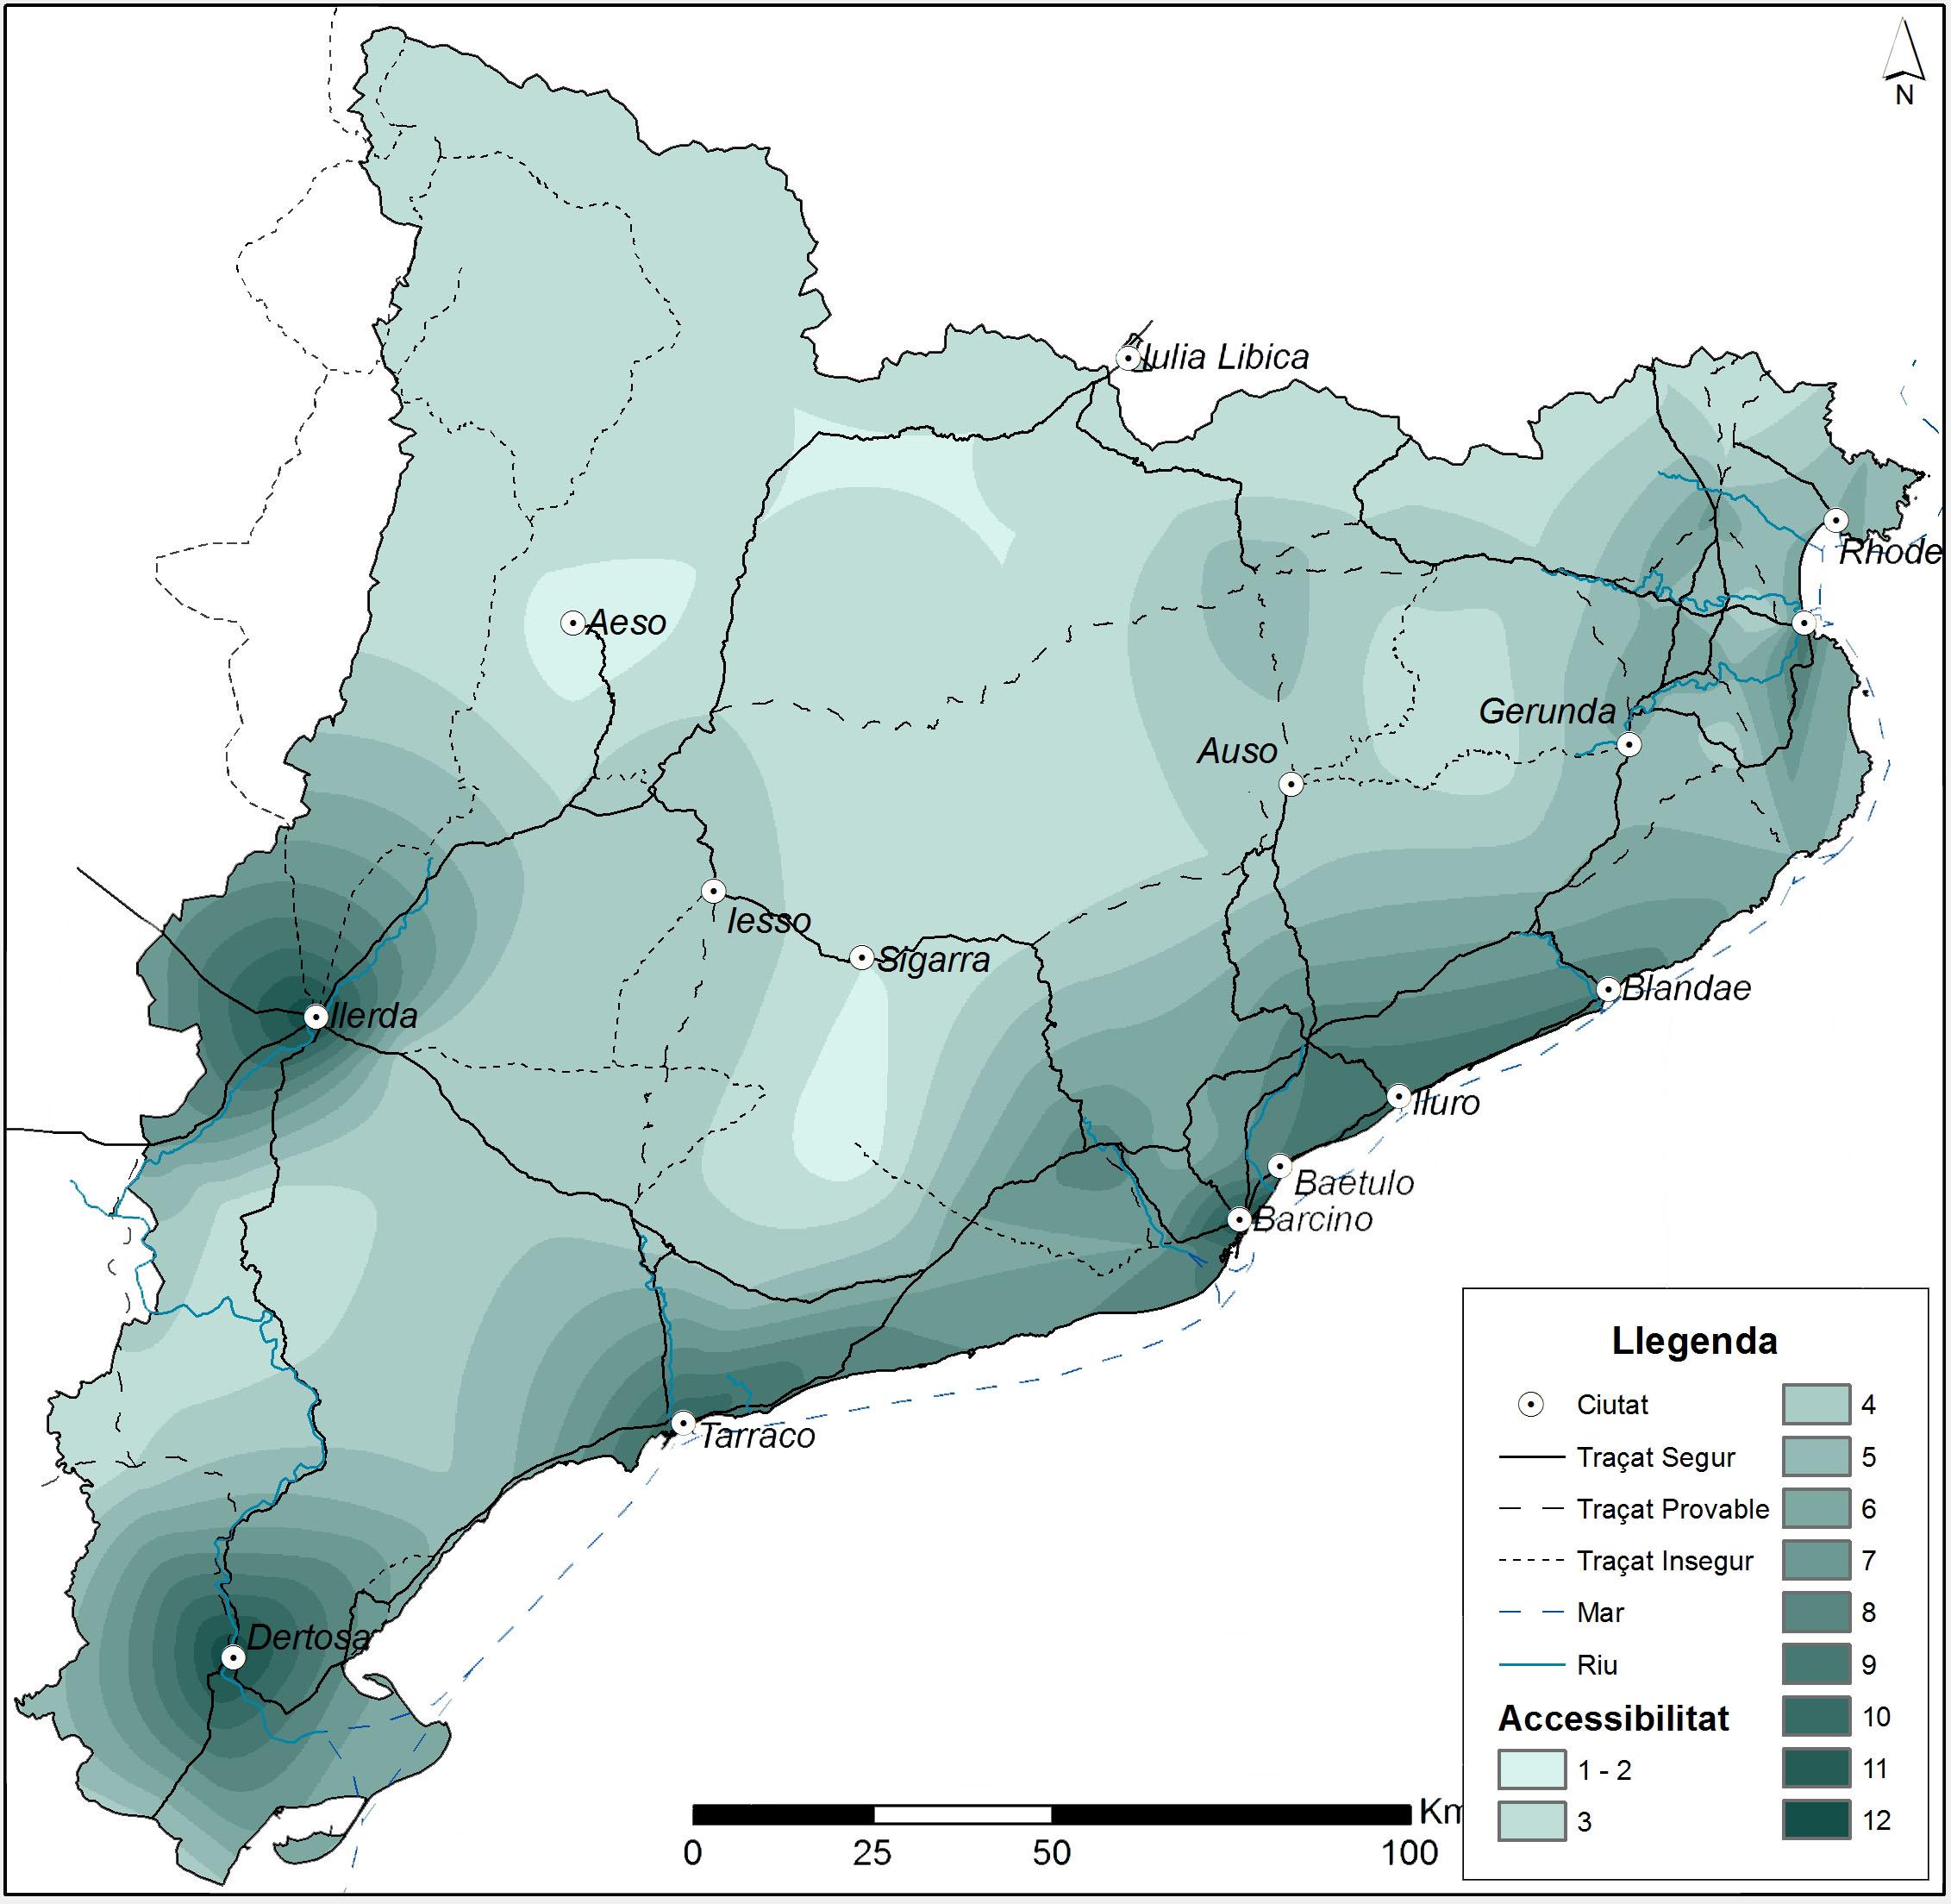 Anàlisi de l'accessibilitat del territori català